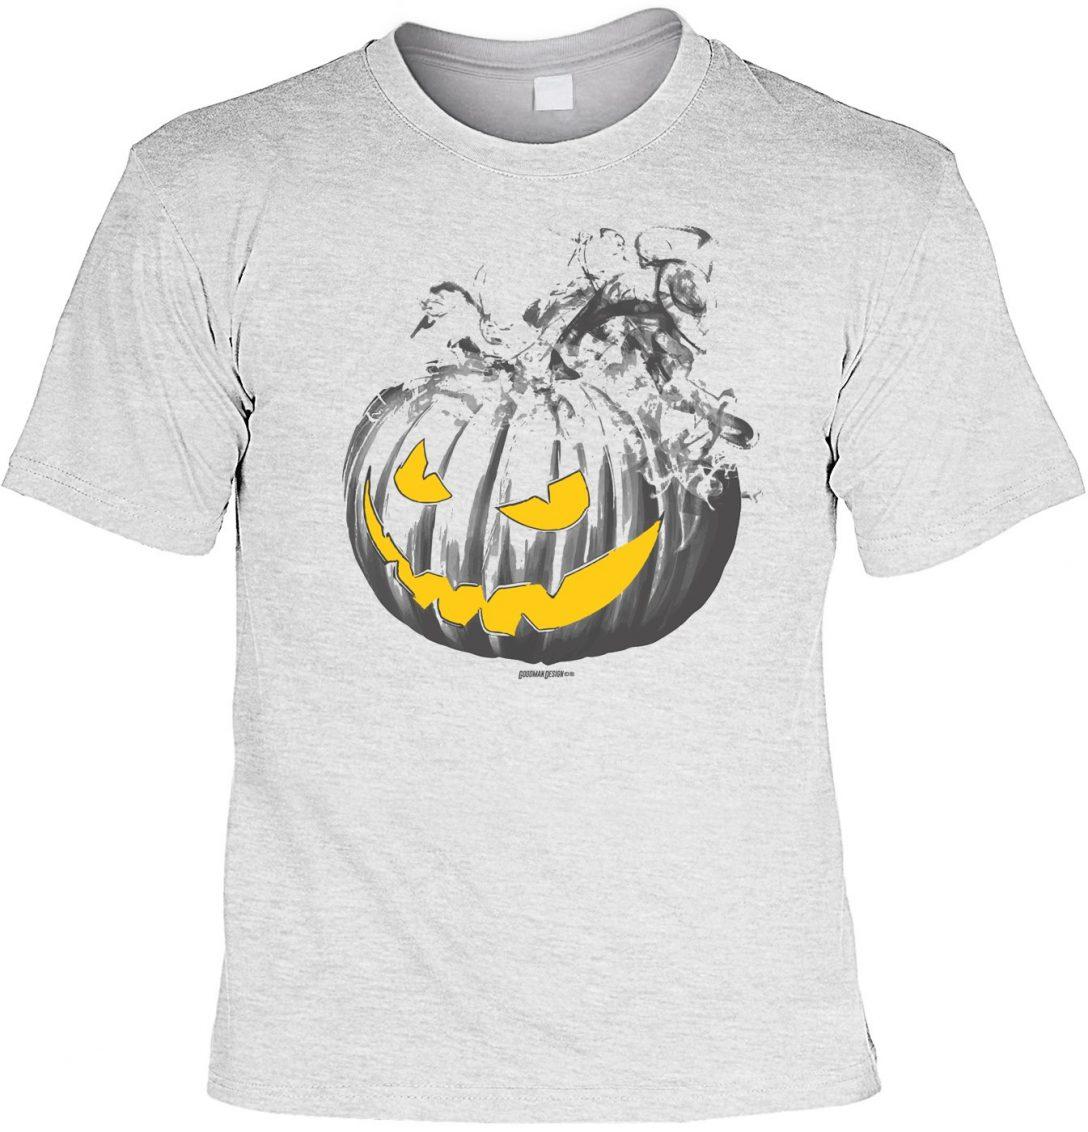 Large Size of Coole Tshirt Sprüche Englisch Coole Tshirt Sprüche Für Kinder Coole Sprüche Für Auf T Shirt Coole Sprüche Auf T Shirt Küche Coole T Shirt Sprüche